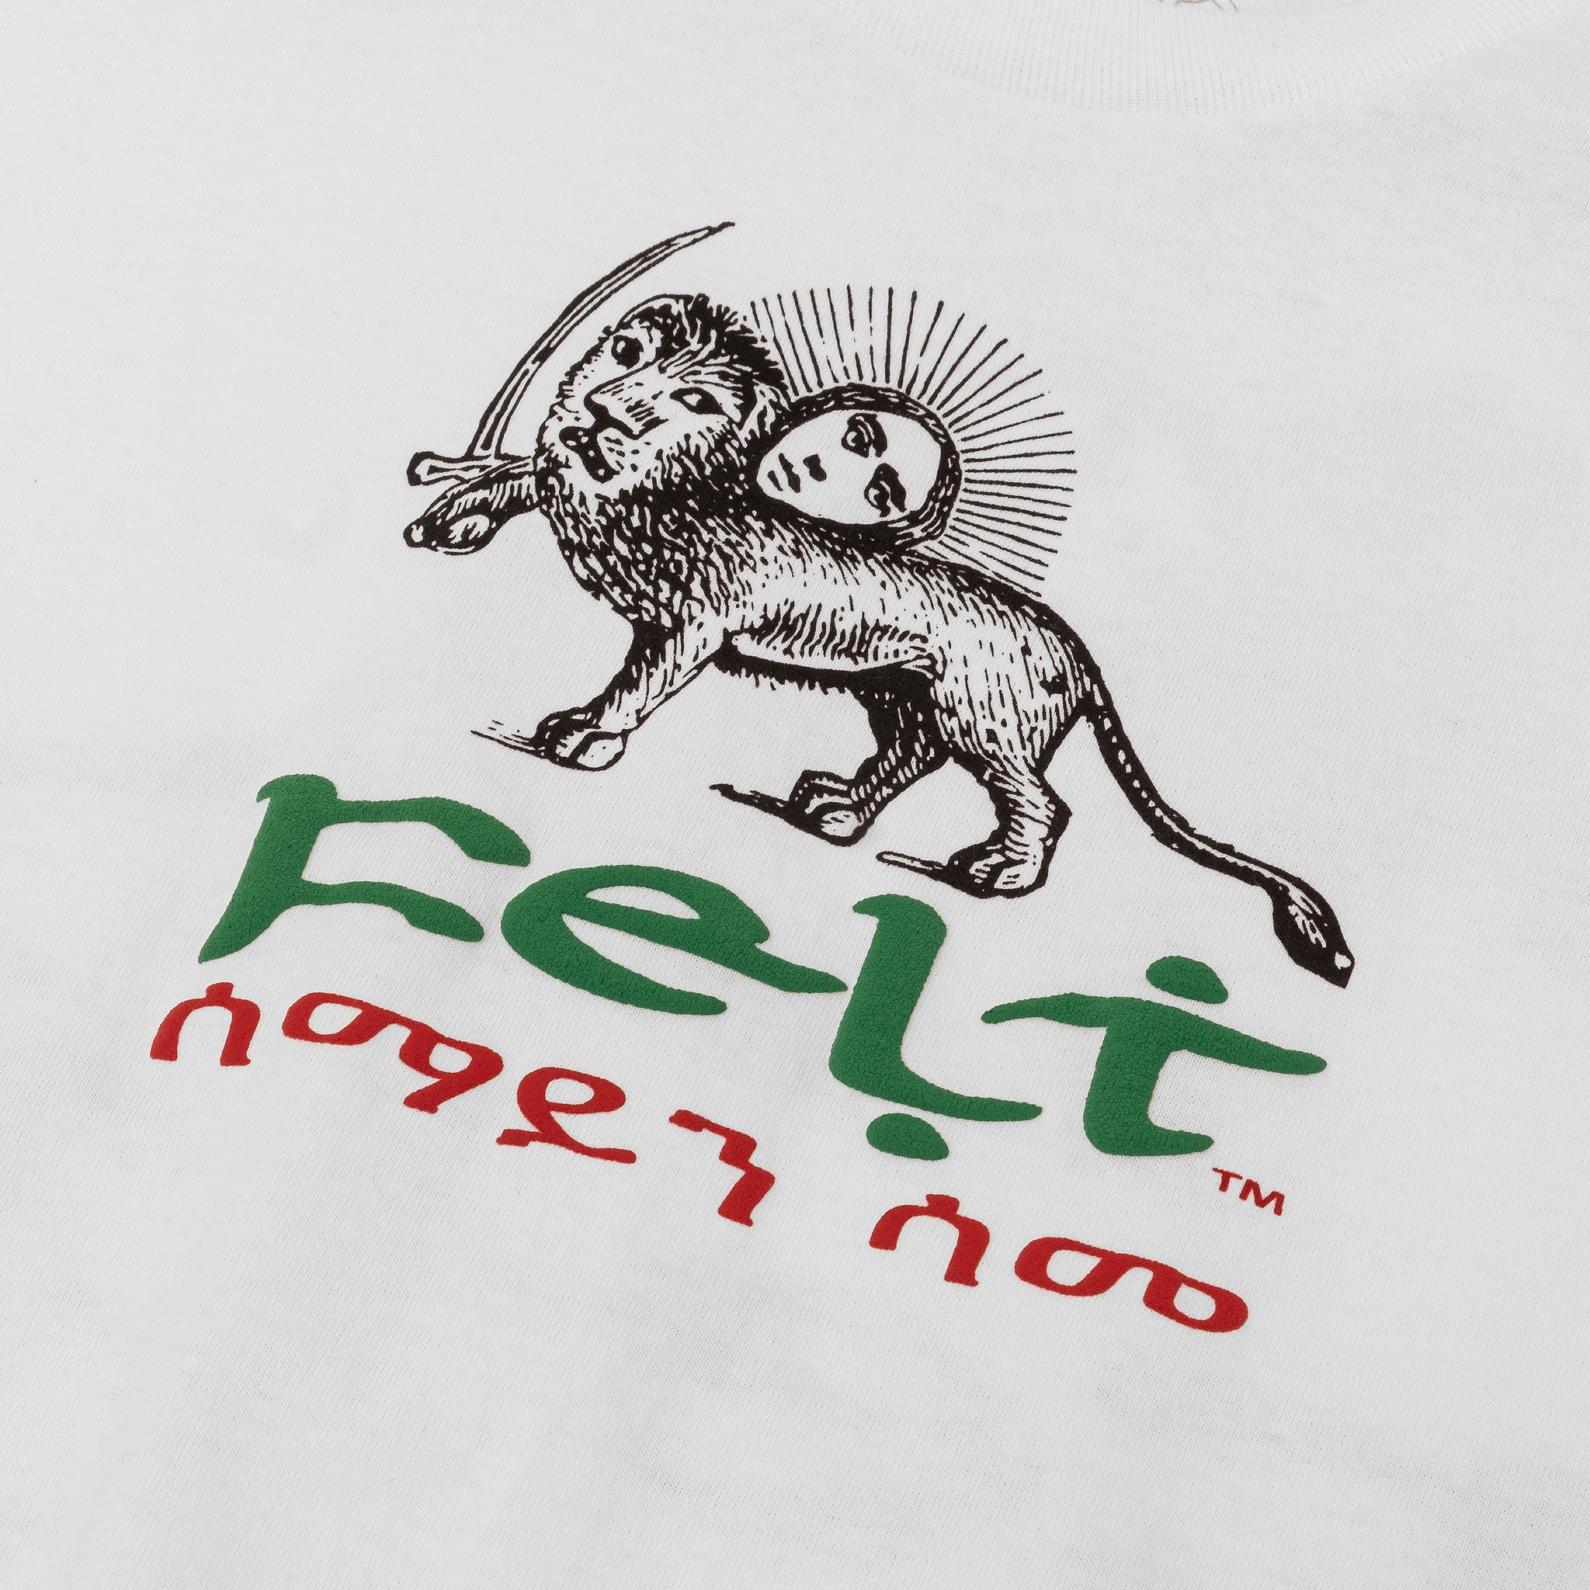 【FELT/フェルト】BUSH DOCTOR T-SHIRT Tシャツ / WHITE